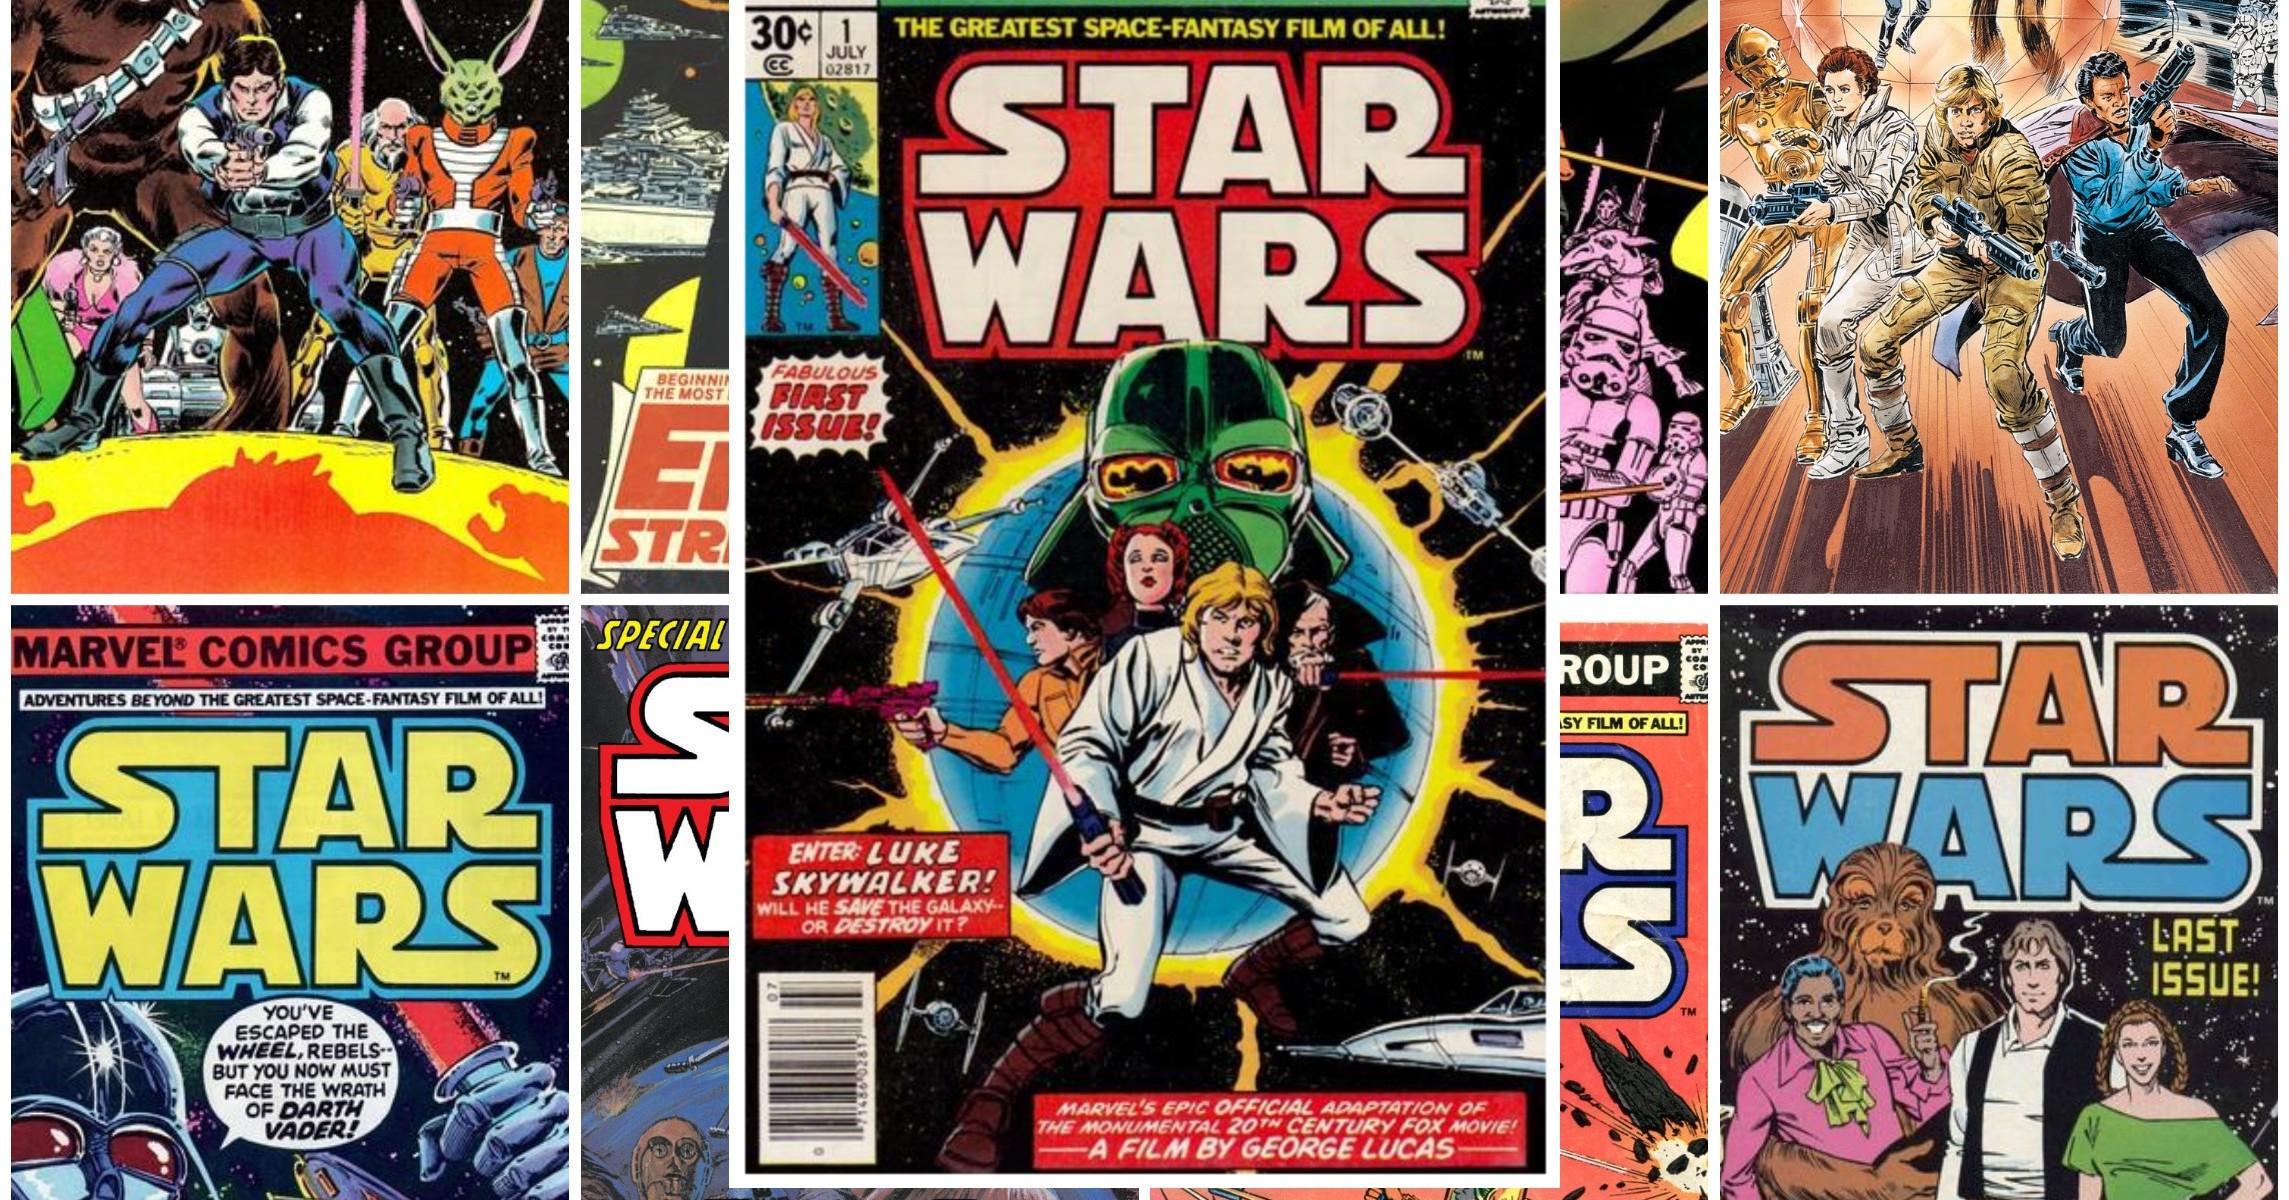 Los Cómics Star Wars clásicos de Marvel | La Biblioteca del Templo Jedi